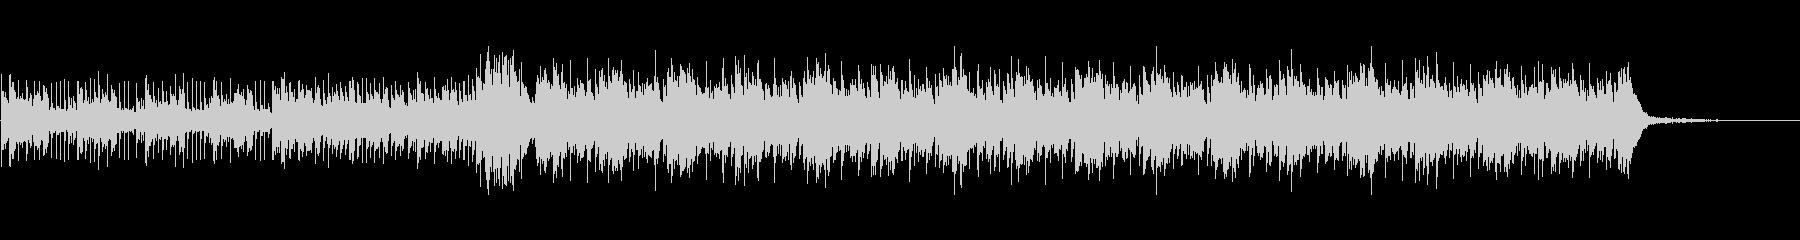 高音質♪企業PV向けテクノポップBGMの未再生の波形